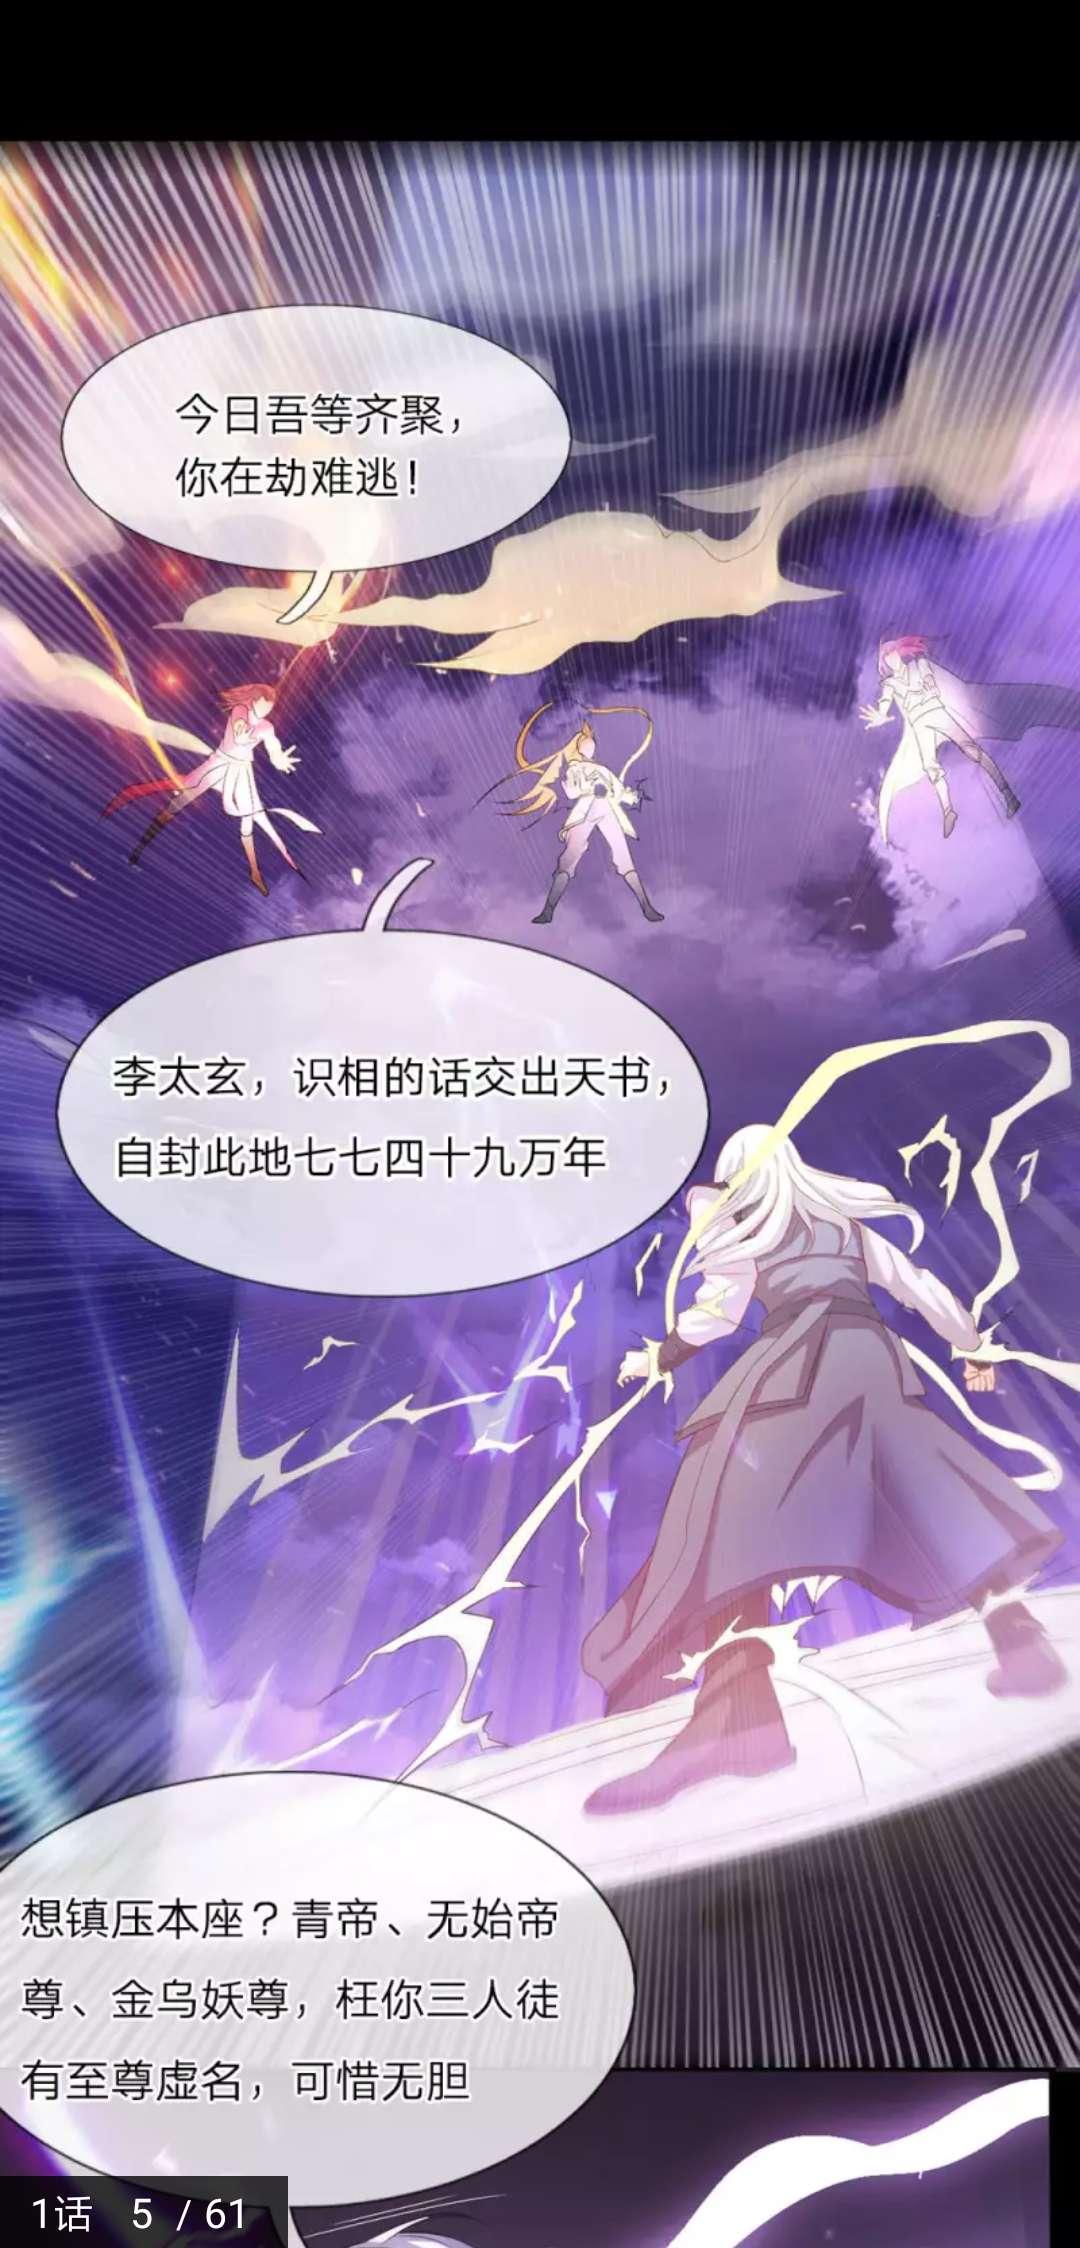 超萌漫画19.7.1版 看全网付费漫画!-爱小助